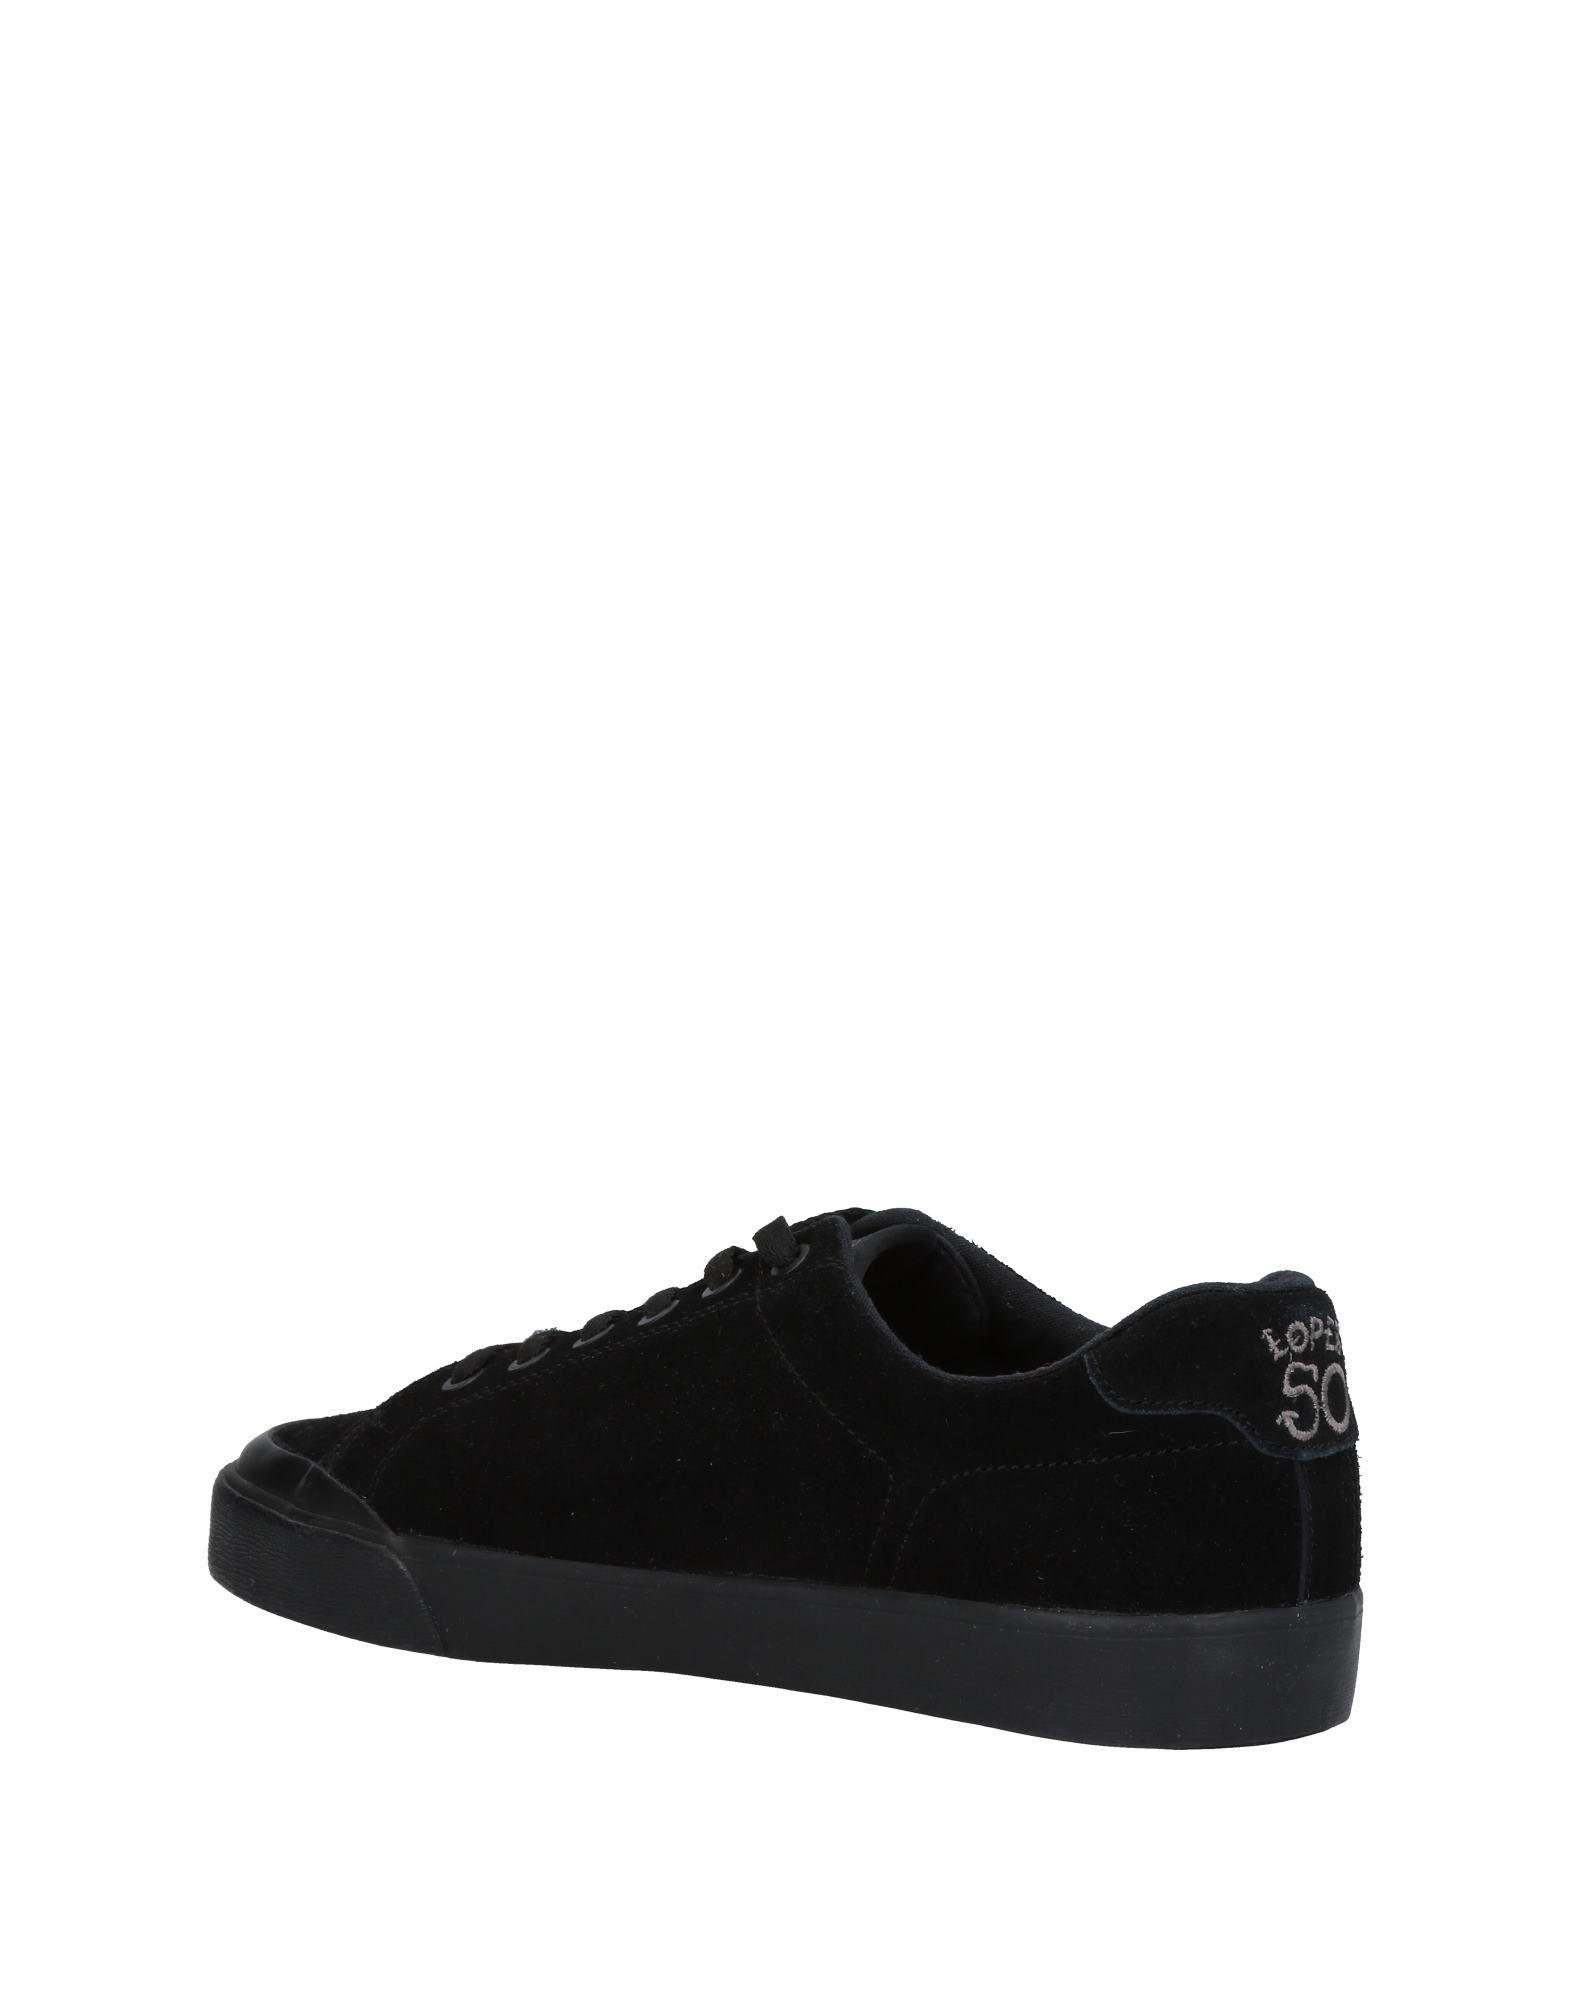 Rabatt echte Sneakers Schuhe C1rca Sneakers echte Herren  11462058HV d34670